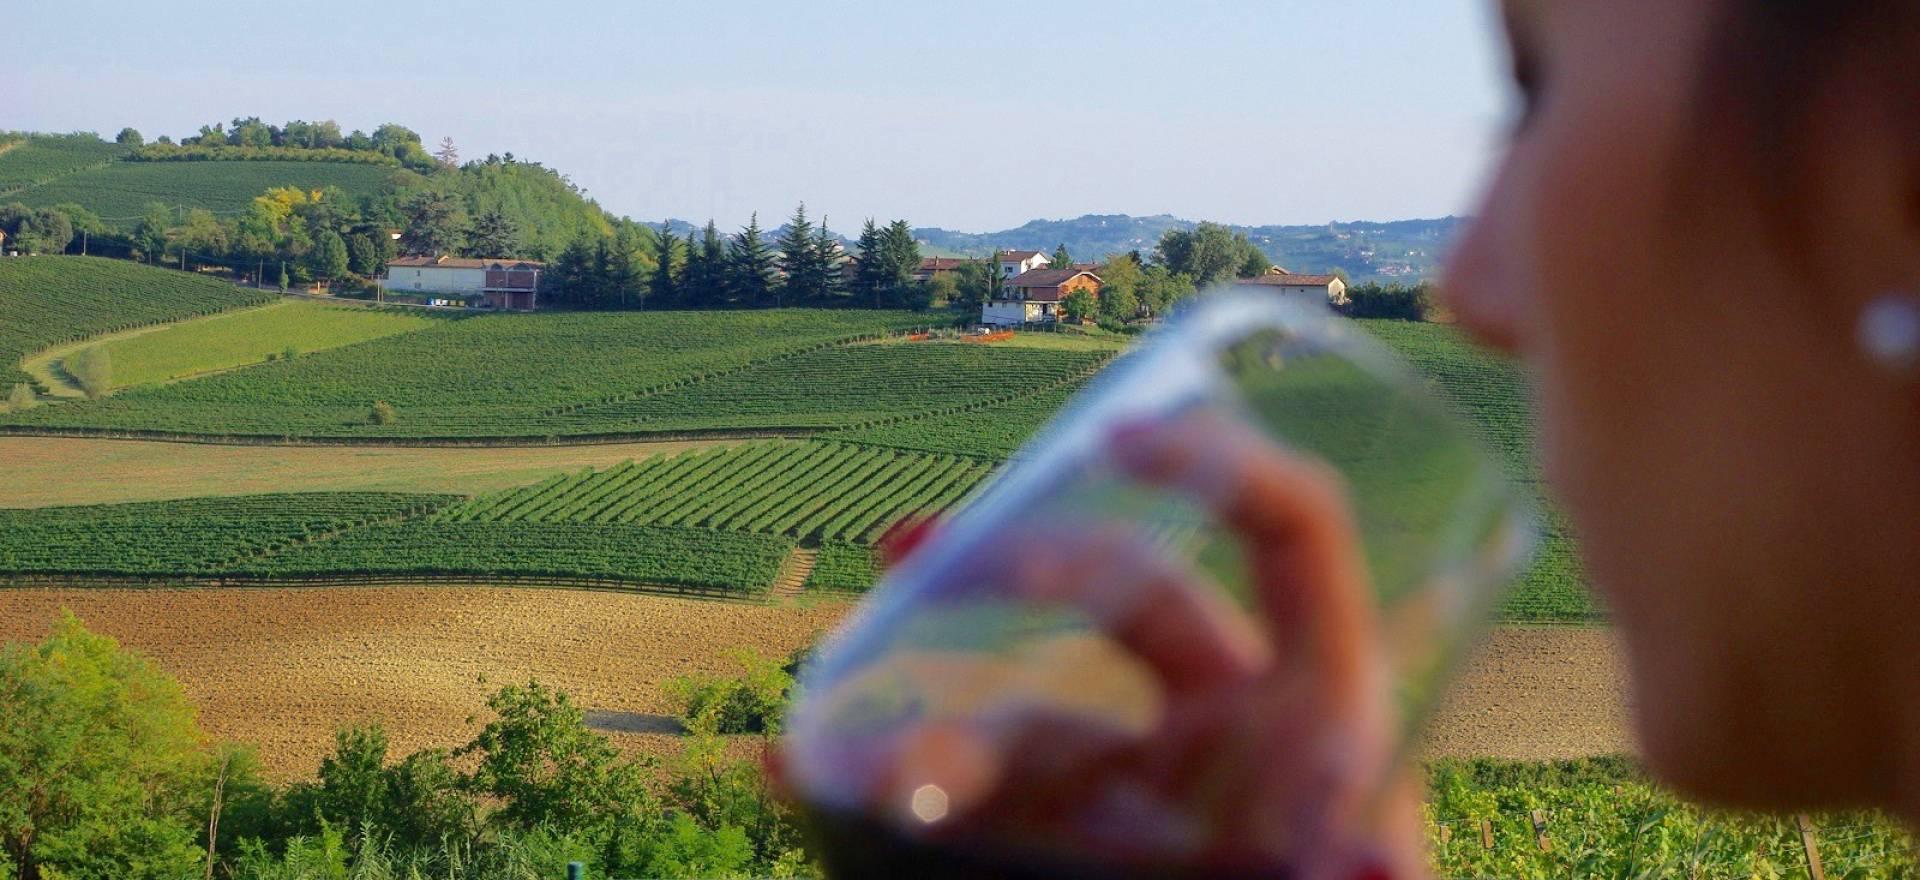 Agriturismo Piemonte Romantico agriturismo sulle colline del Piemonte